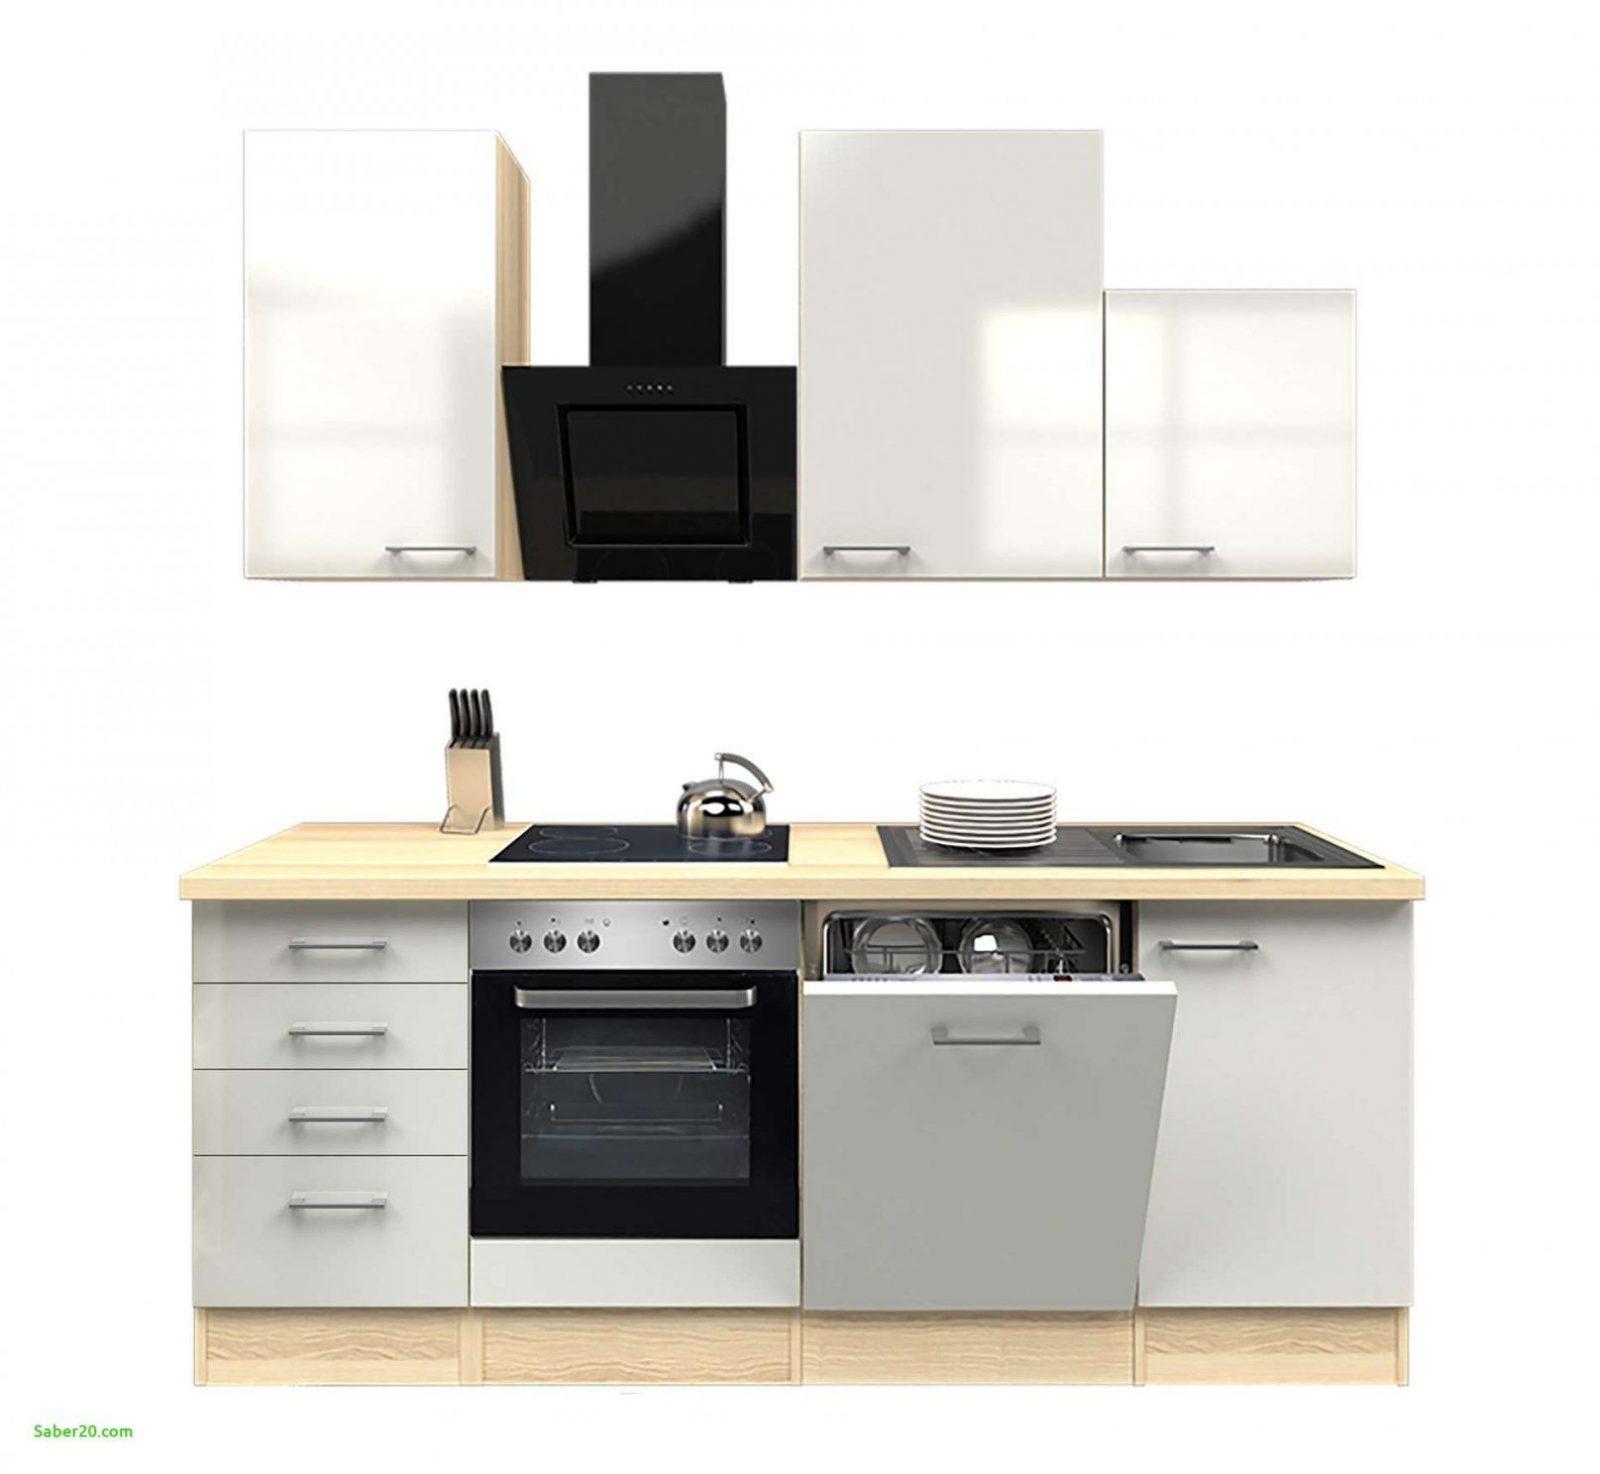 Küche 260 Cm Mit Elektrogeräten   Kuchenzeile 260 Cm Mit Elektrogeraten Gunstige Kuchen Munchen